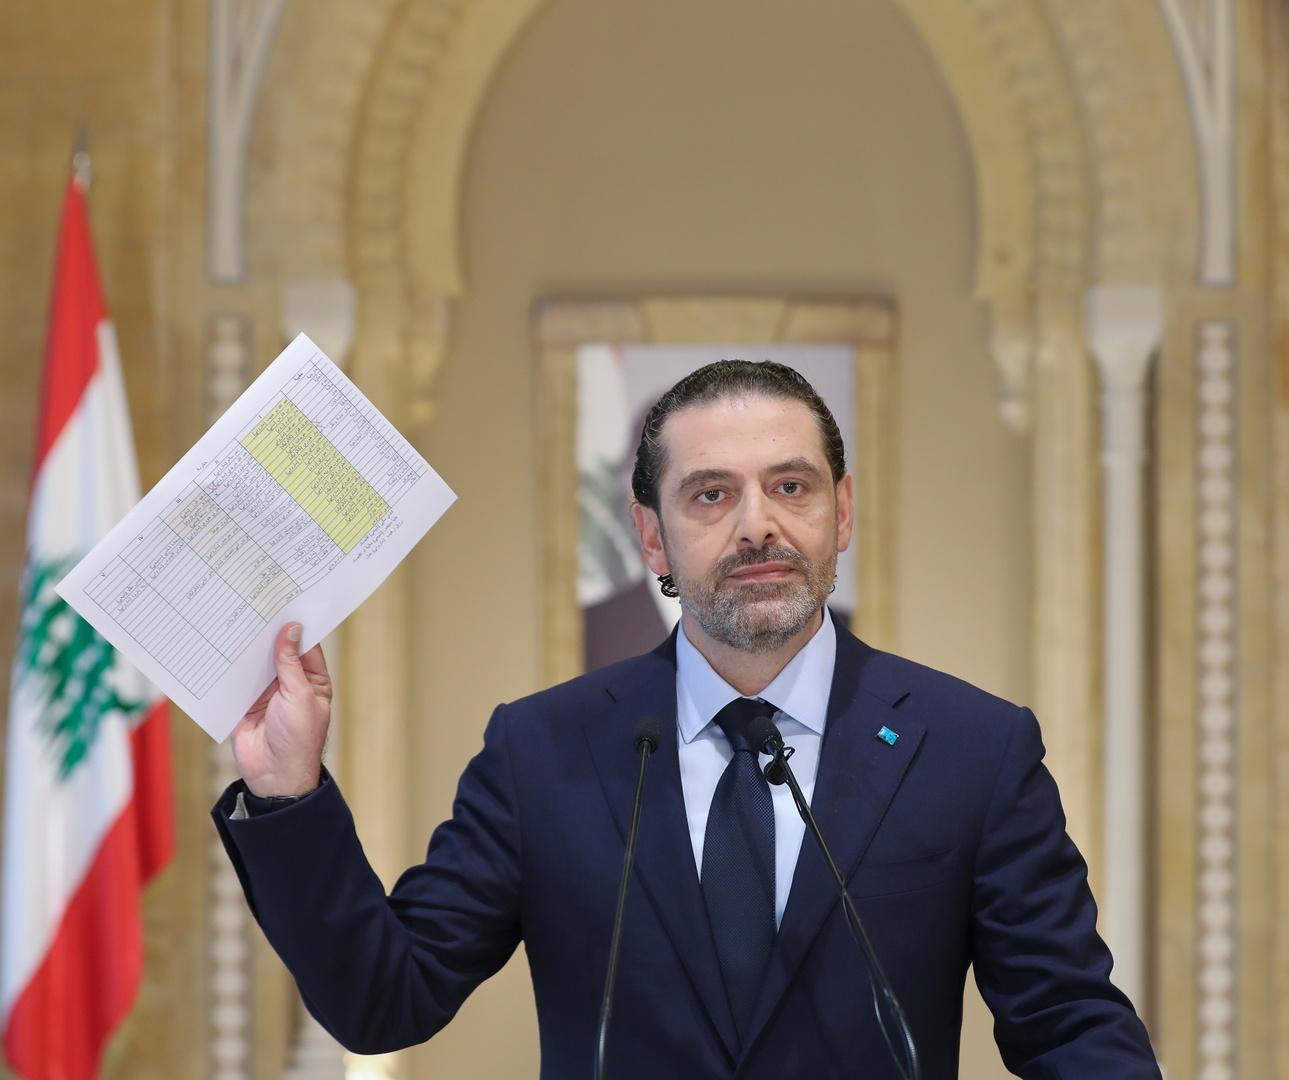 الحريري يبحث مع أمير قطر تشكيل الحكومة الجديدة في لبنان